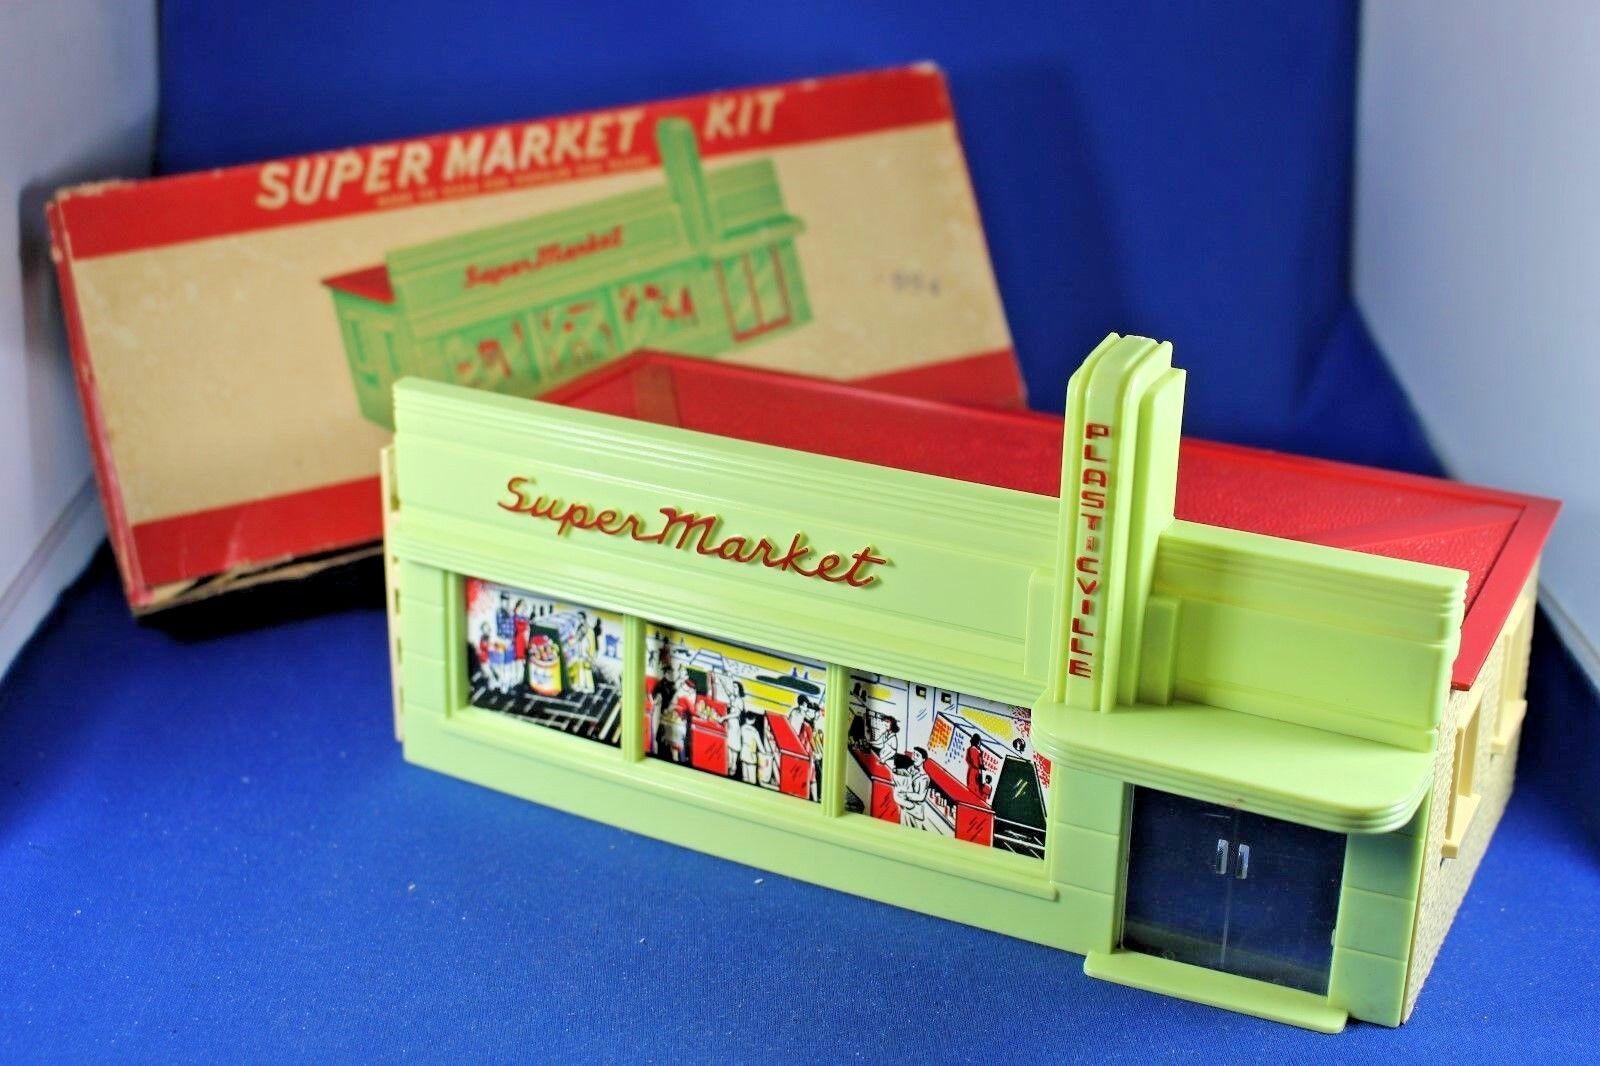 O s-Plasticville -  SM-7 supermercado-difícil de encontrar rosso carta y rosso Techo-Excelente